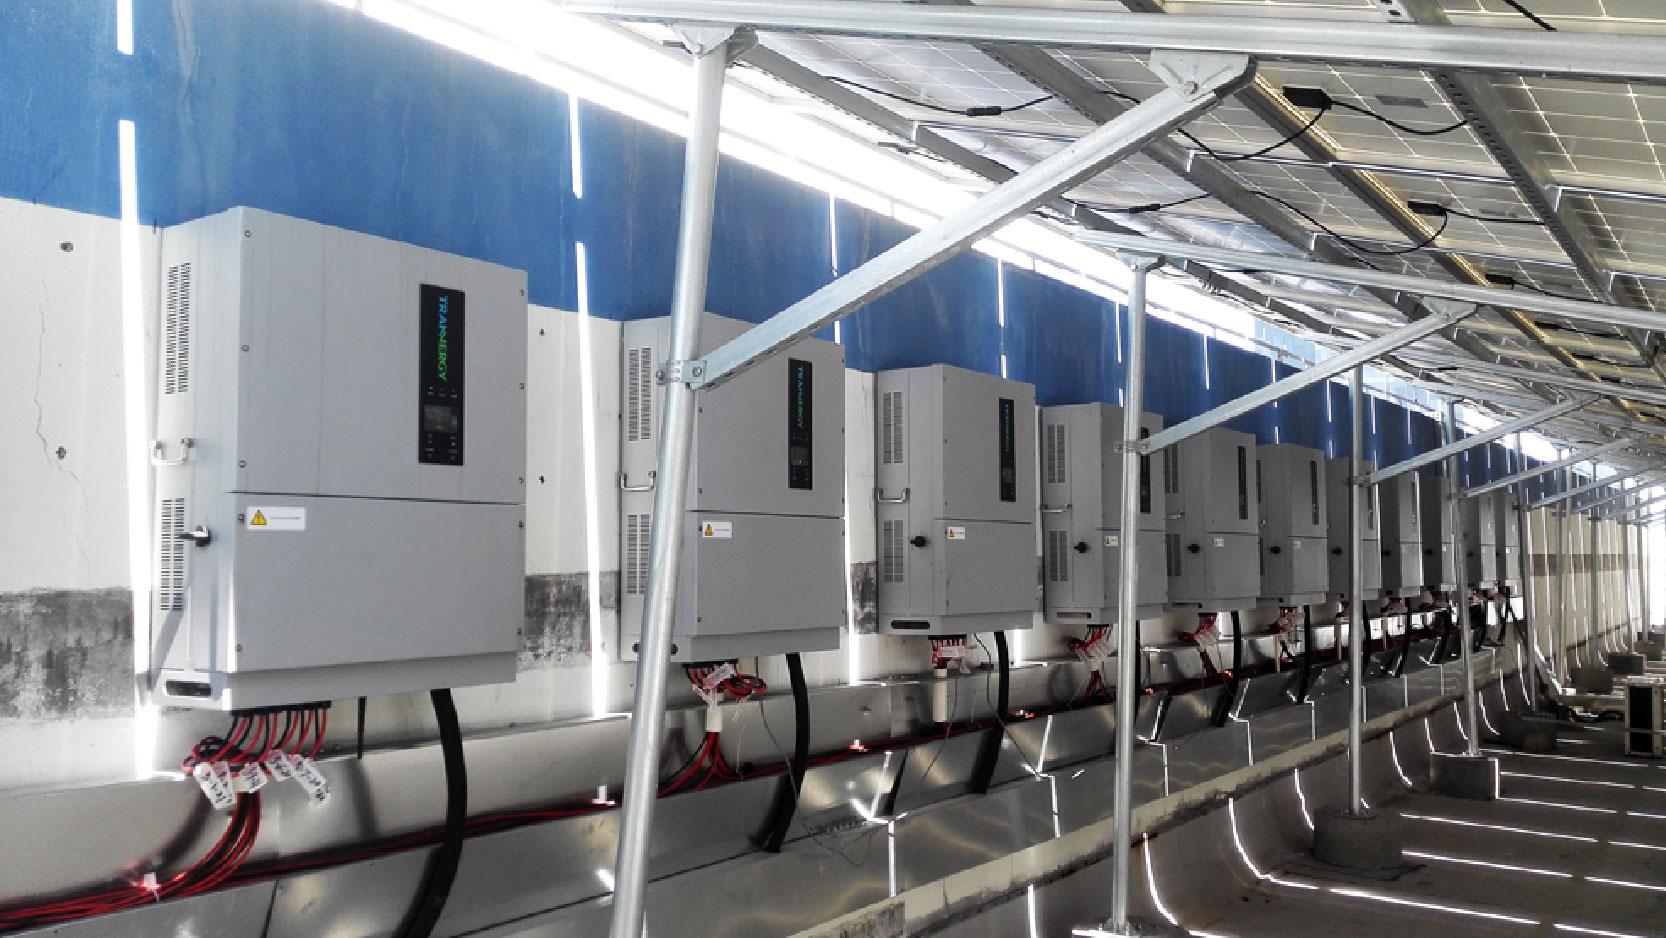 河北邢台开发区工业园区分布式屋顶项目    1.5MW